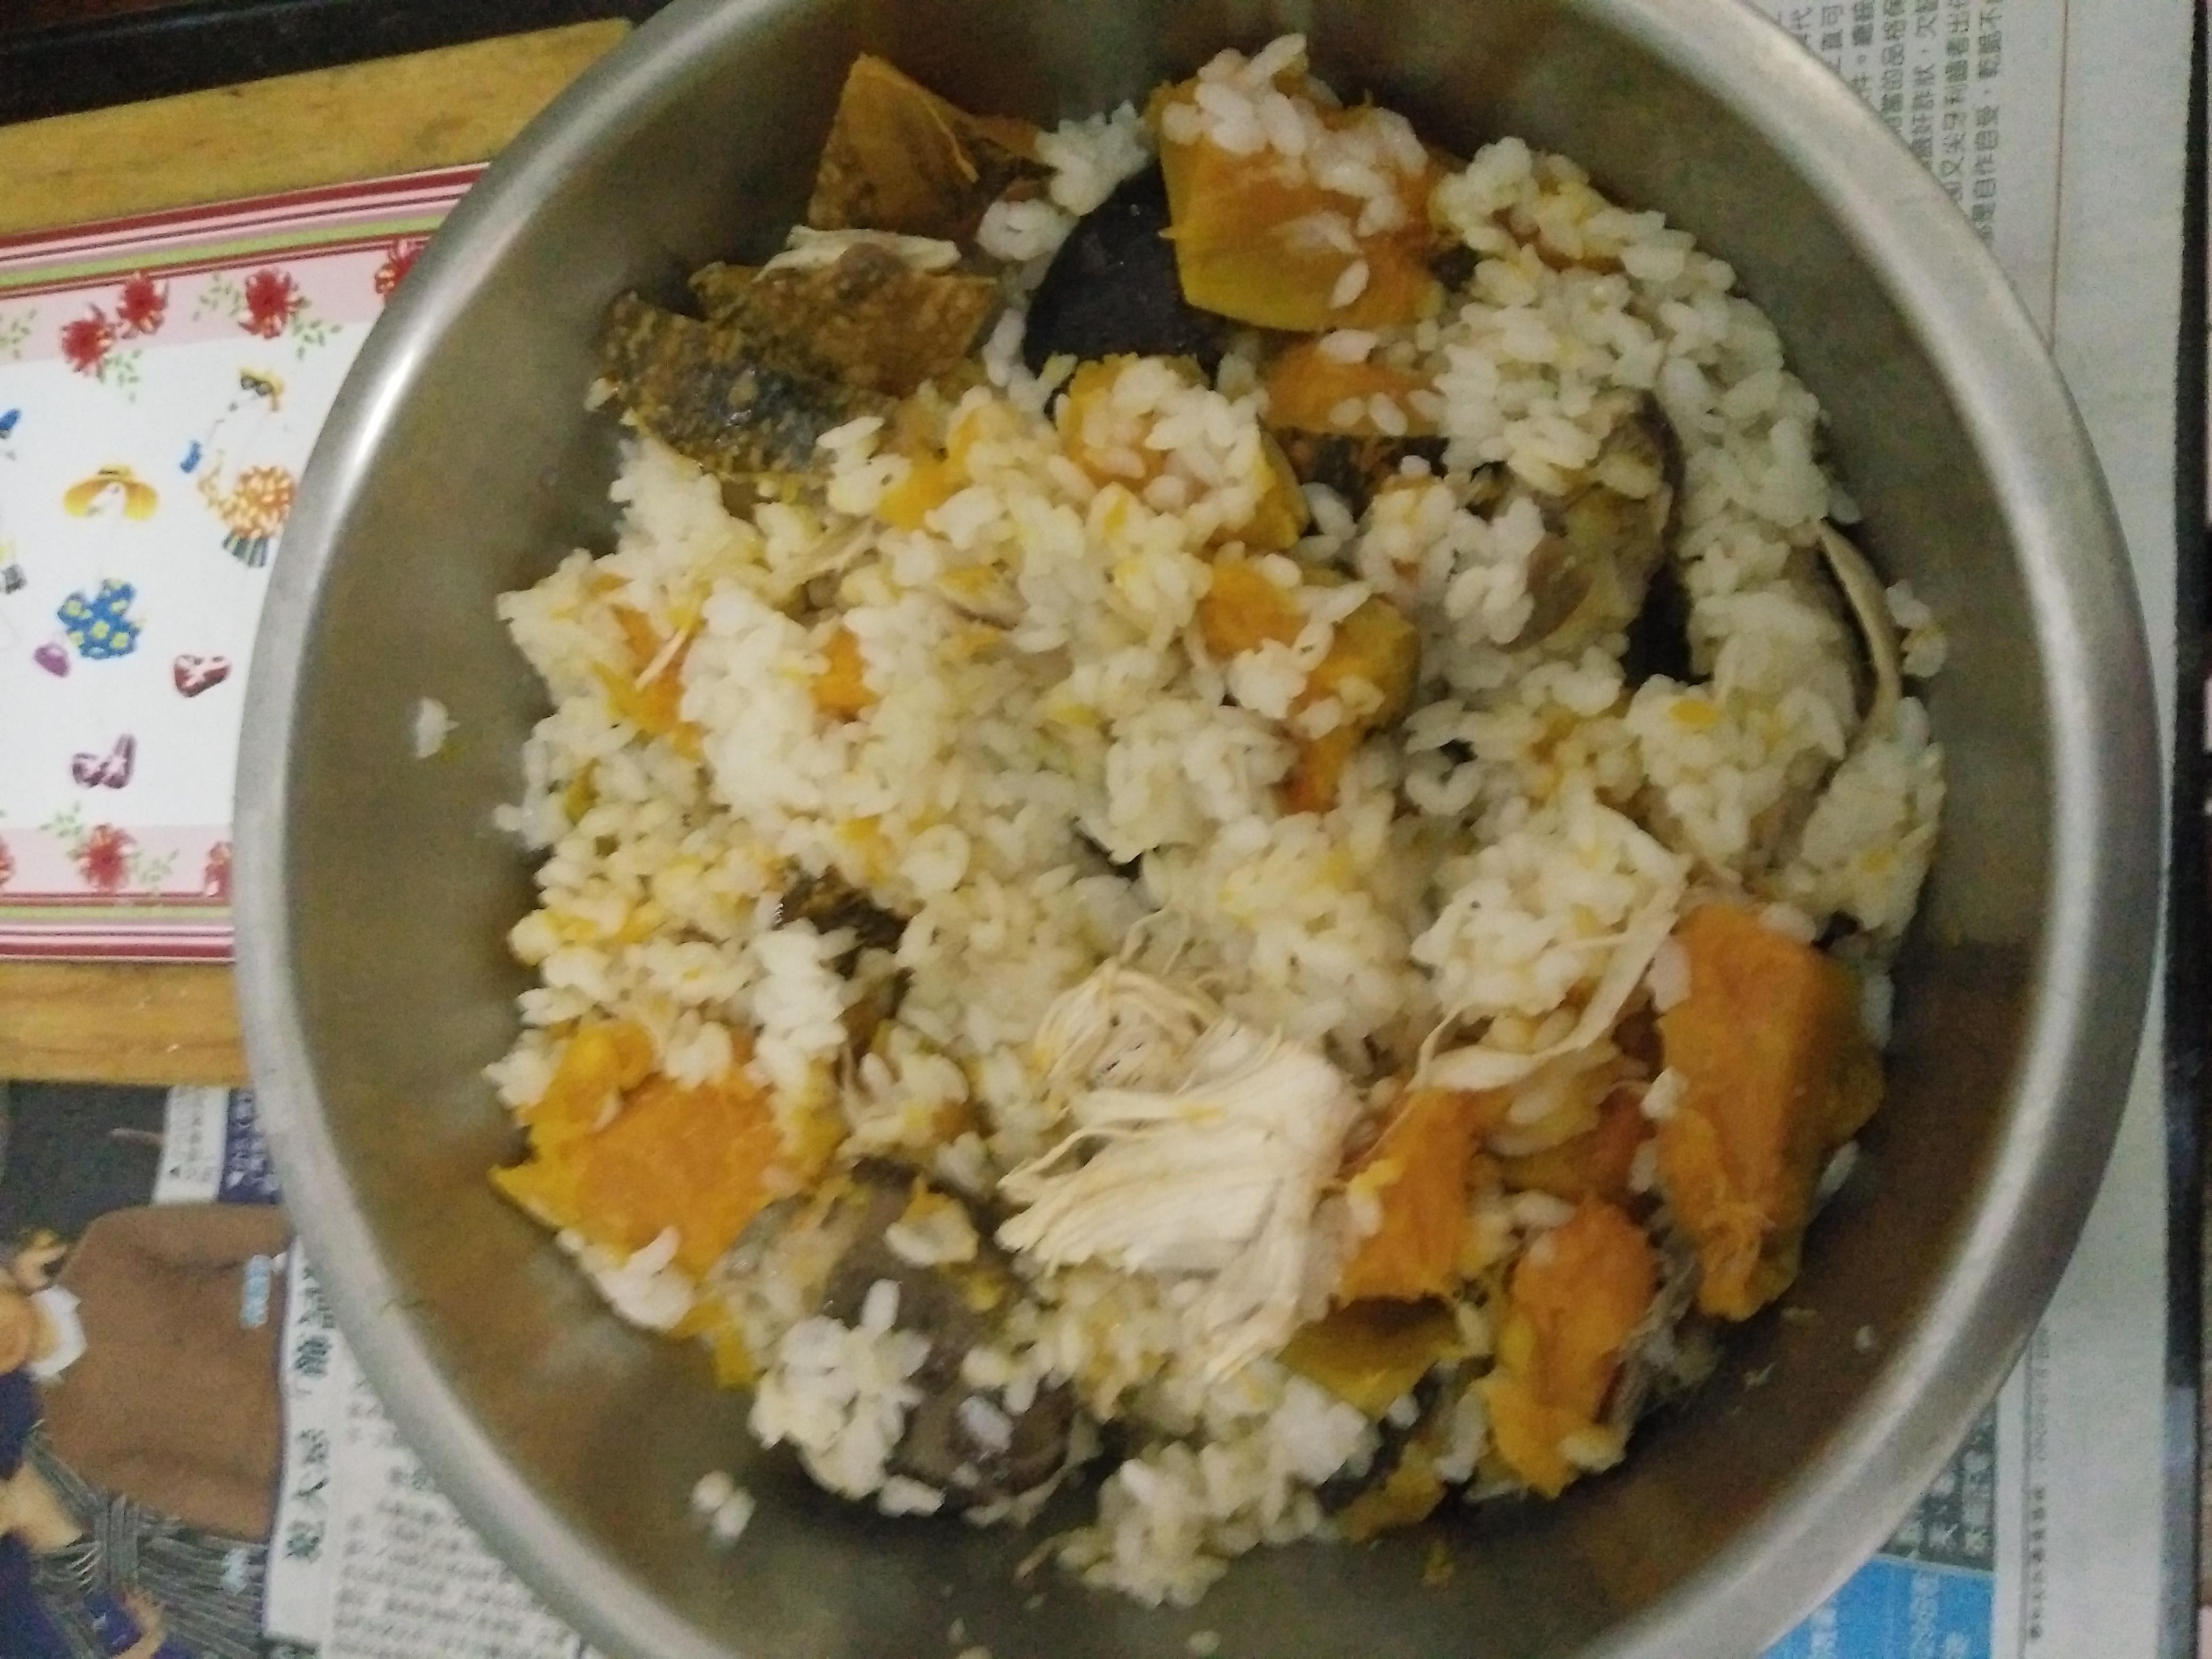 【雞湯喝不完】南瓜雞肉炊飯